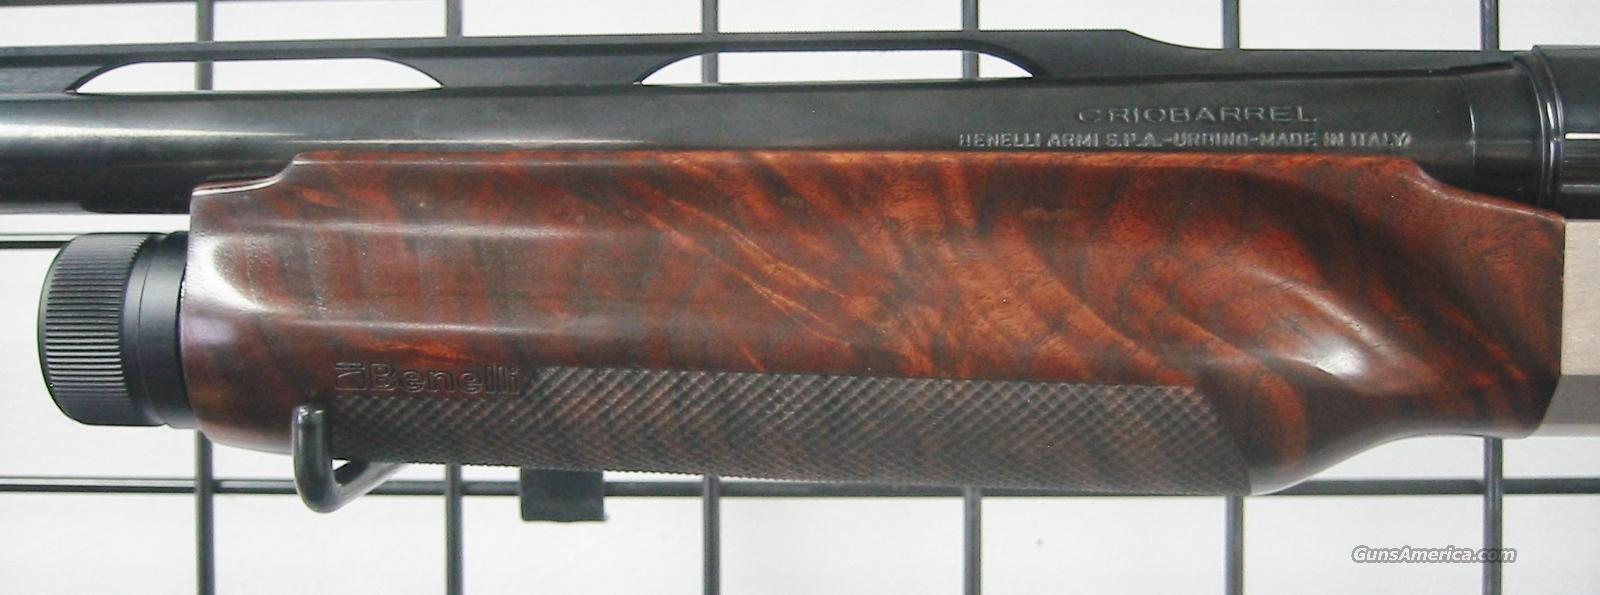 Benelli super black eagle ii limited edition 12ga 28 quot barrel wood